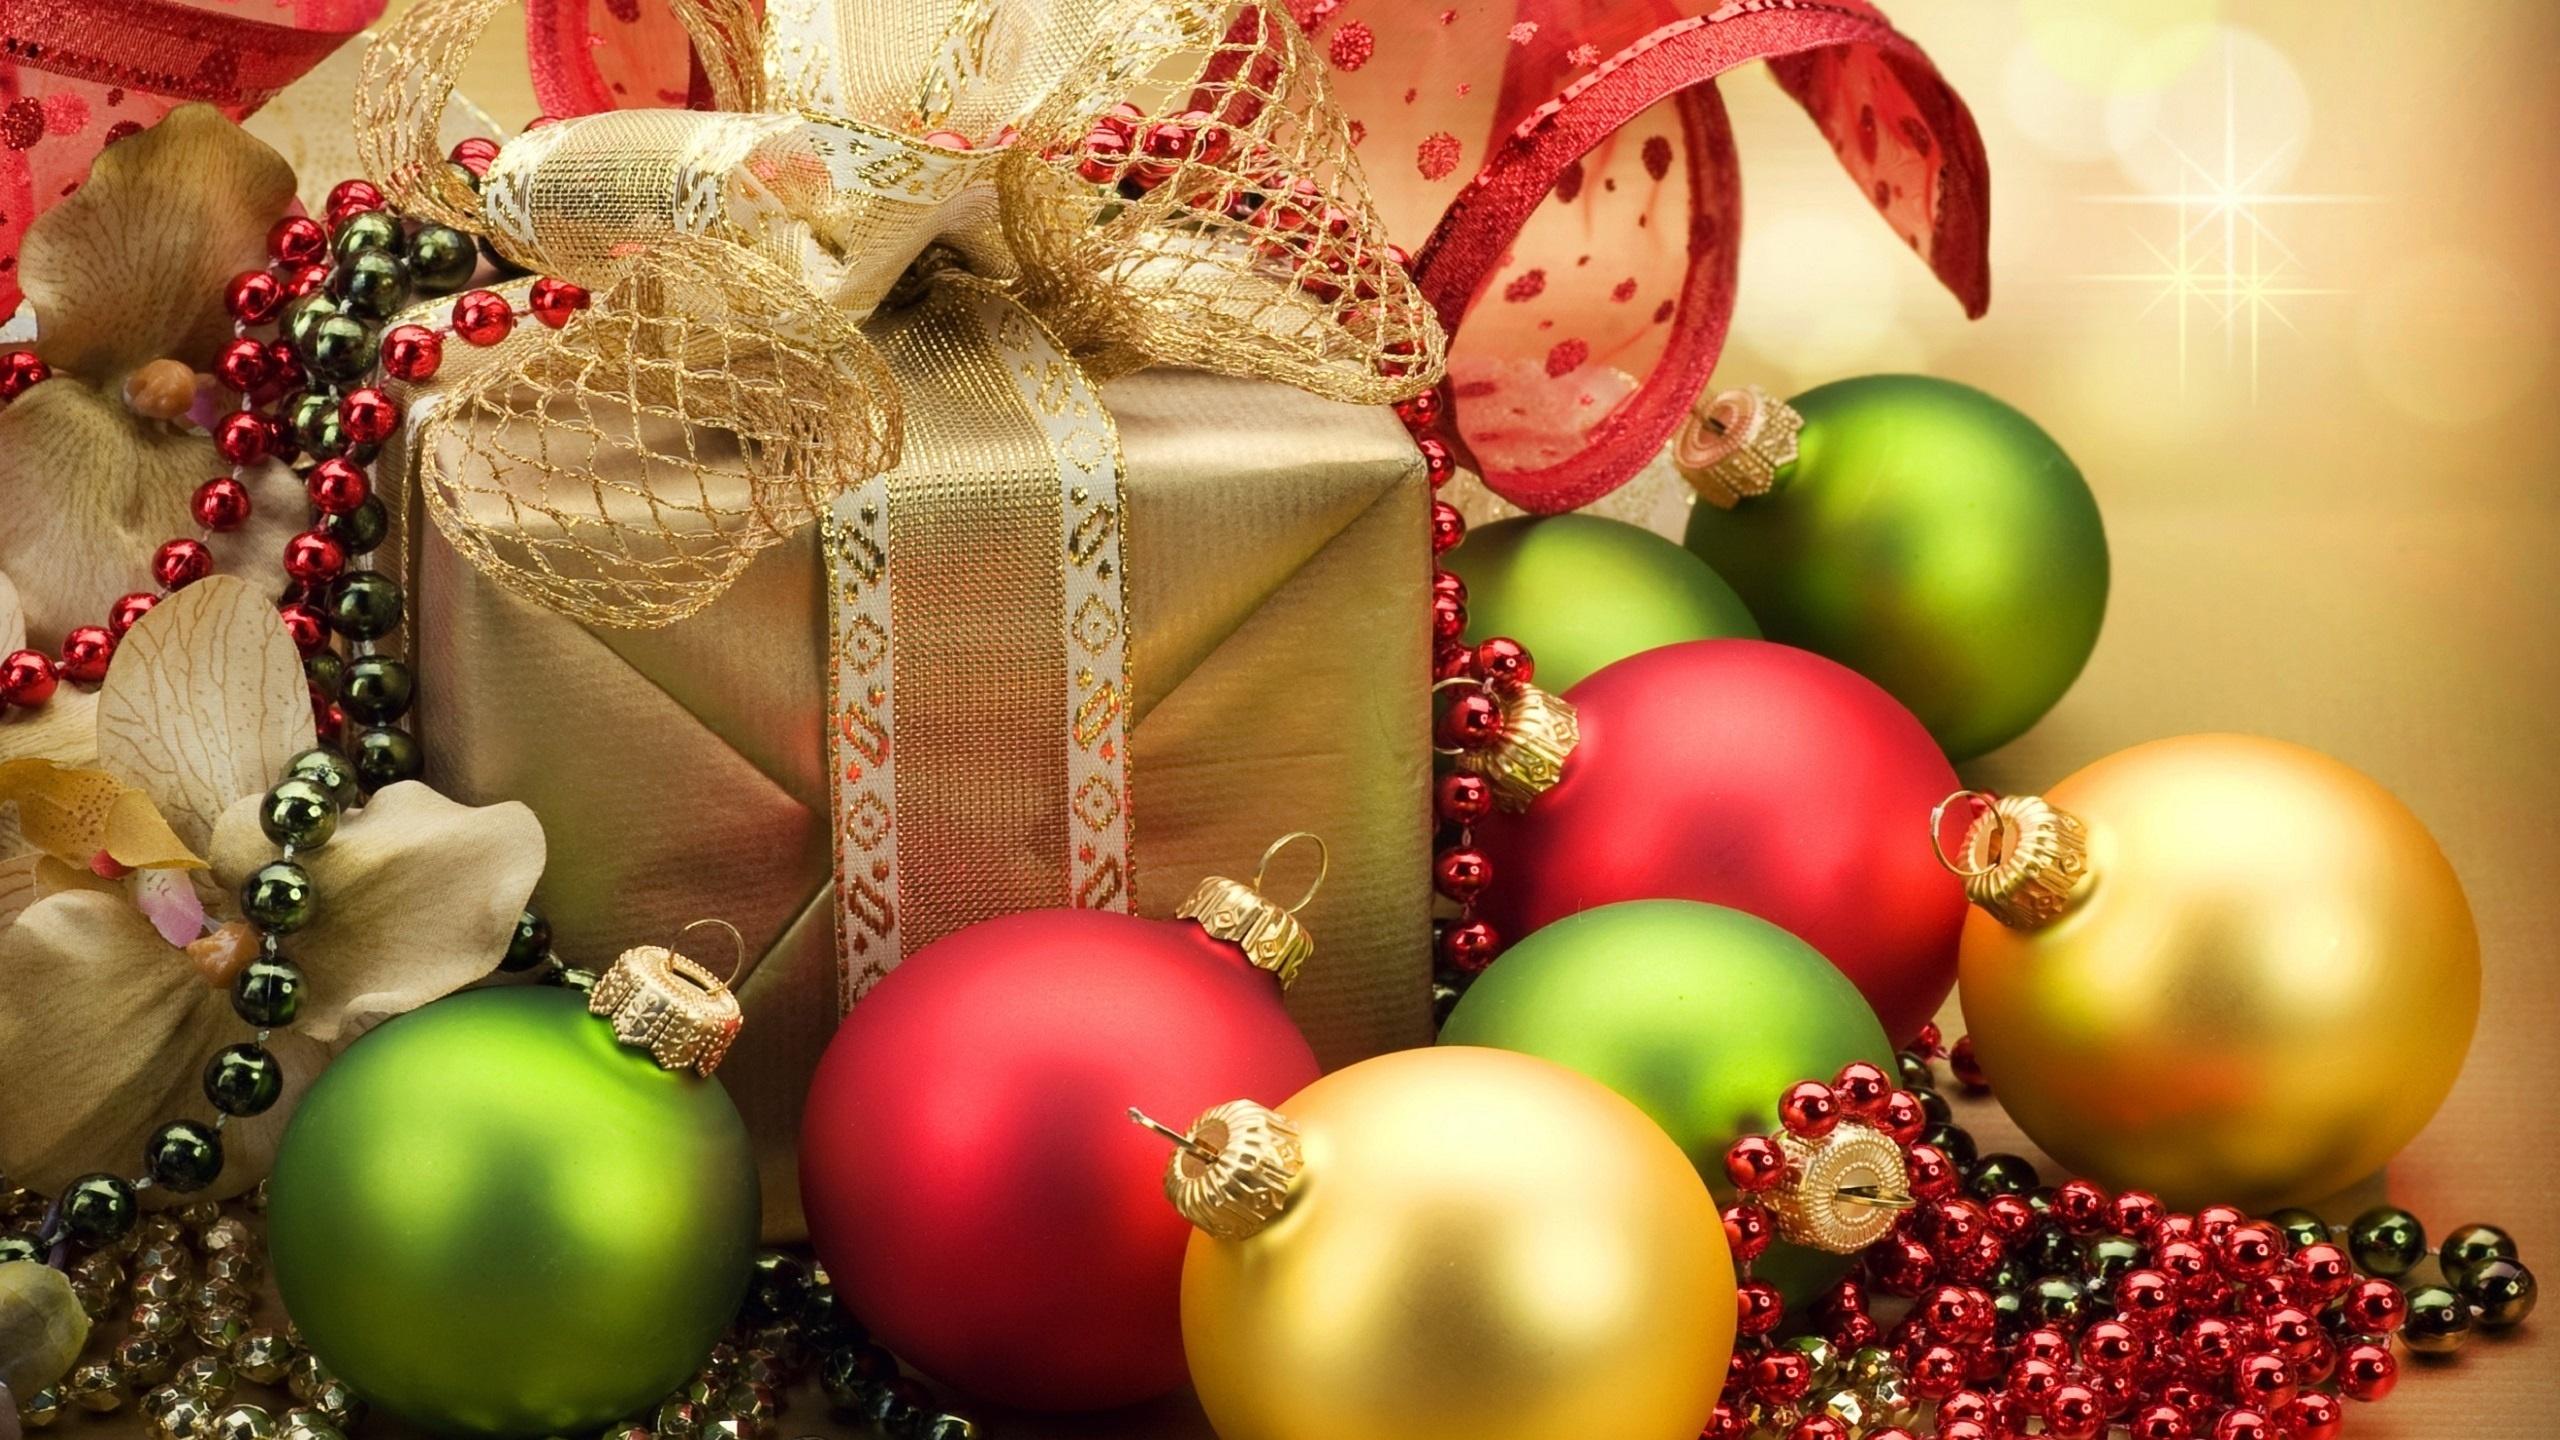 Картинки, новогодние подарки открытки фото